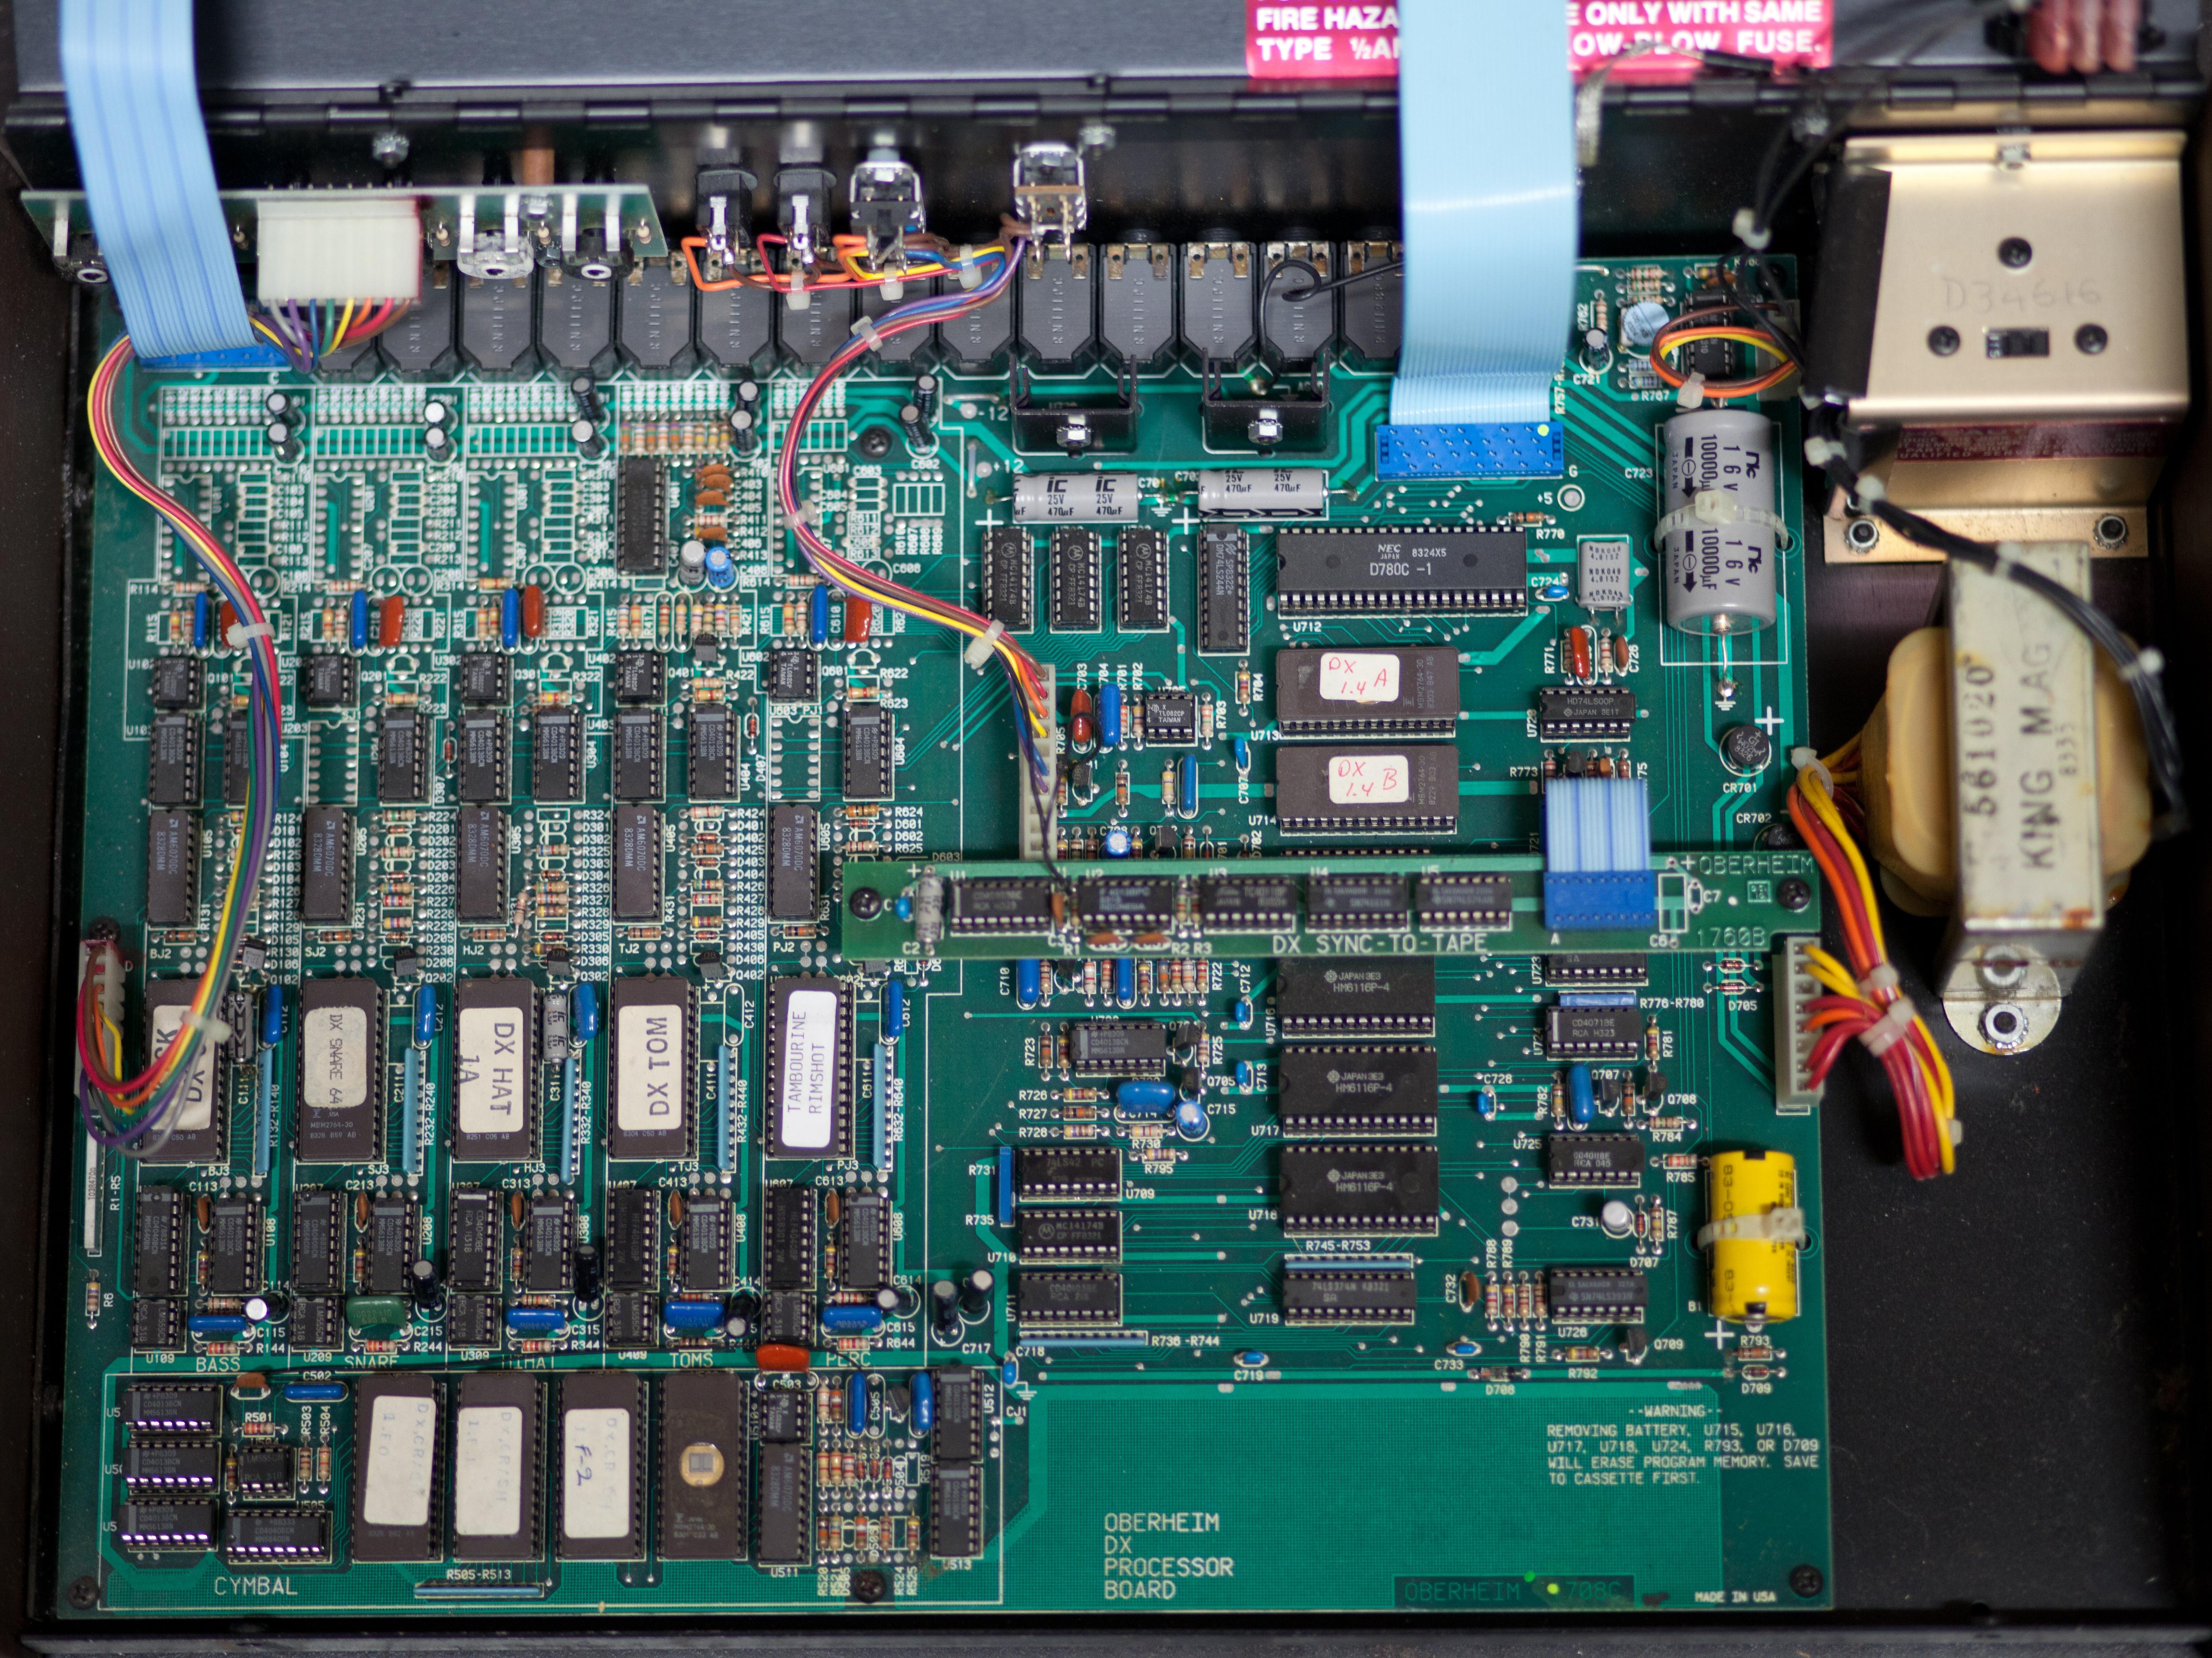 Oberheim-DX_processor_board.jpg